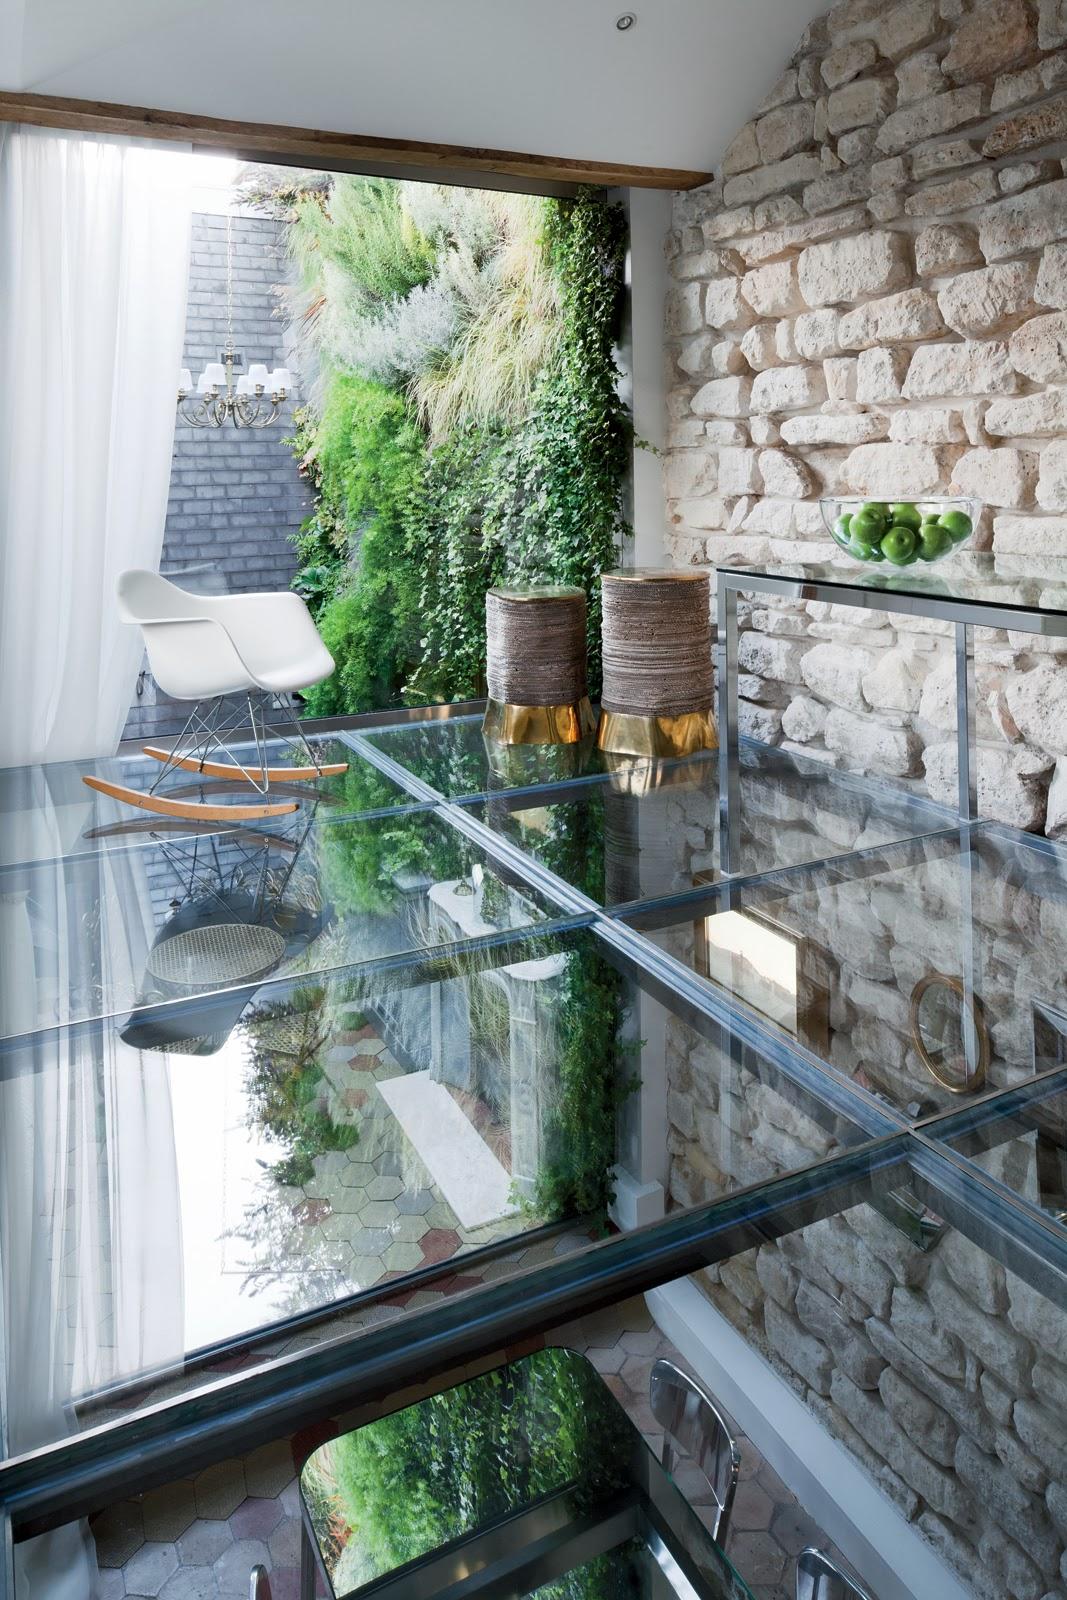 Haus-Umbau in Paris - Lichtschacht und gläserne Decke sorgen für Licht